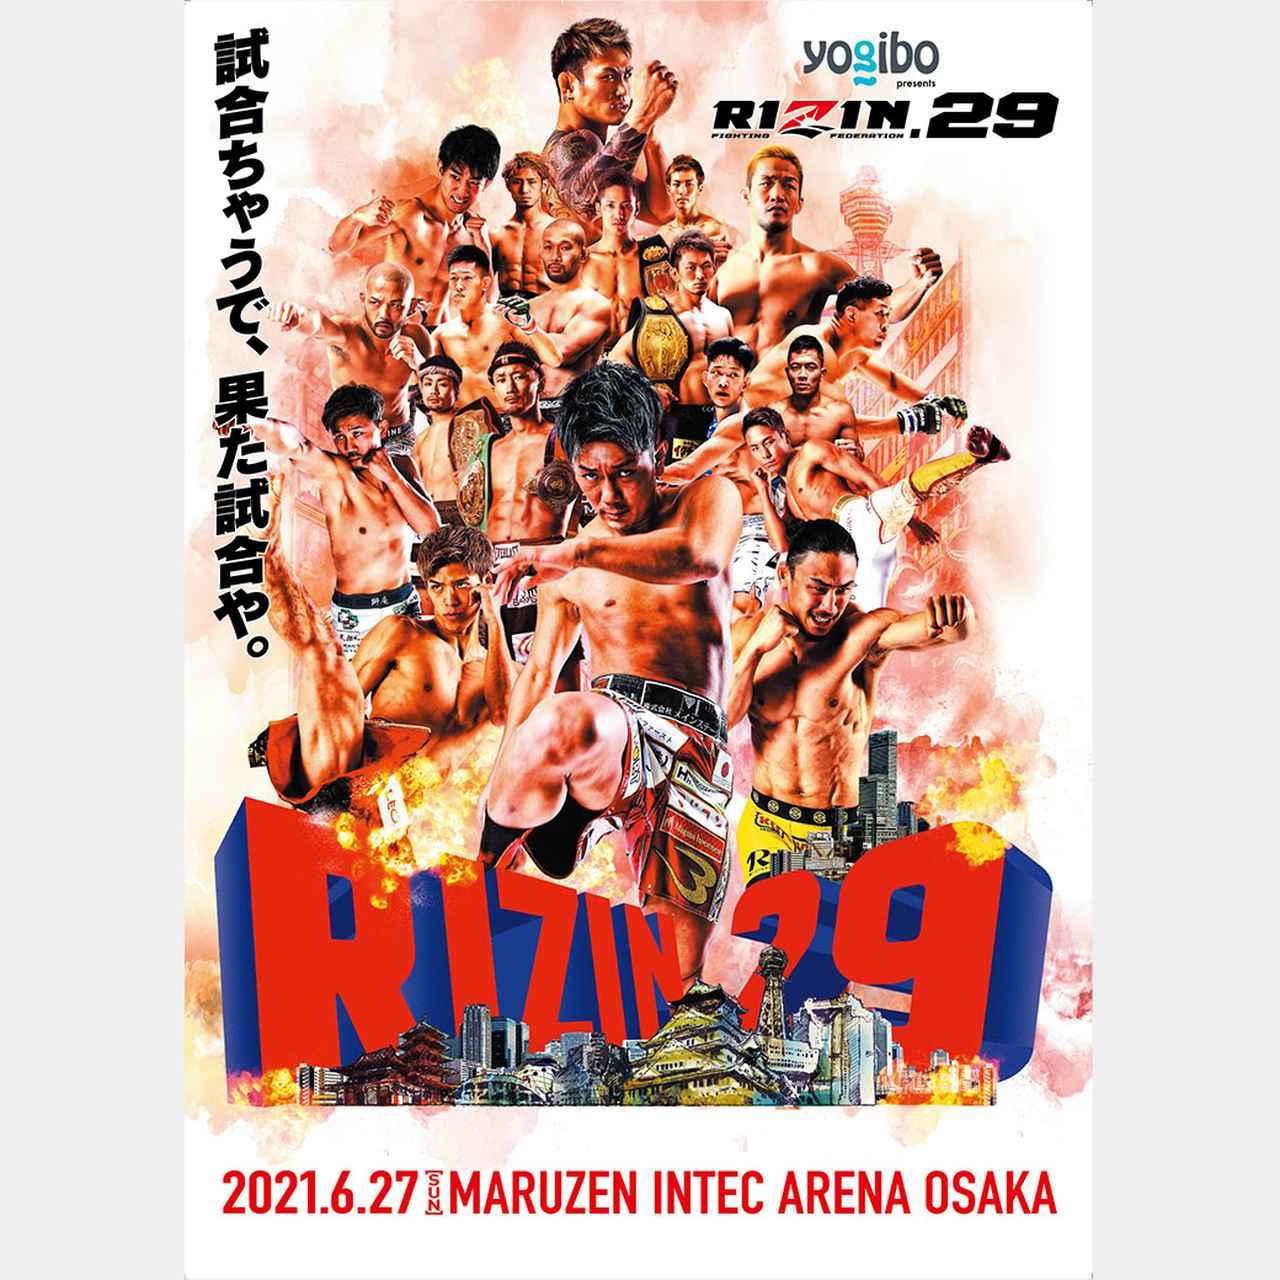 画像: 「Yogibo presents RIZIN.29」オリジナルマグネットシート ※画像はイメージです。